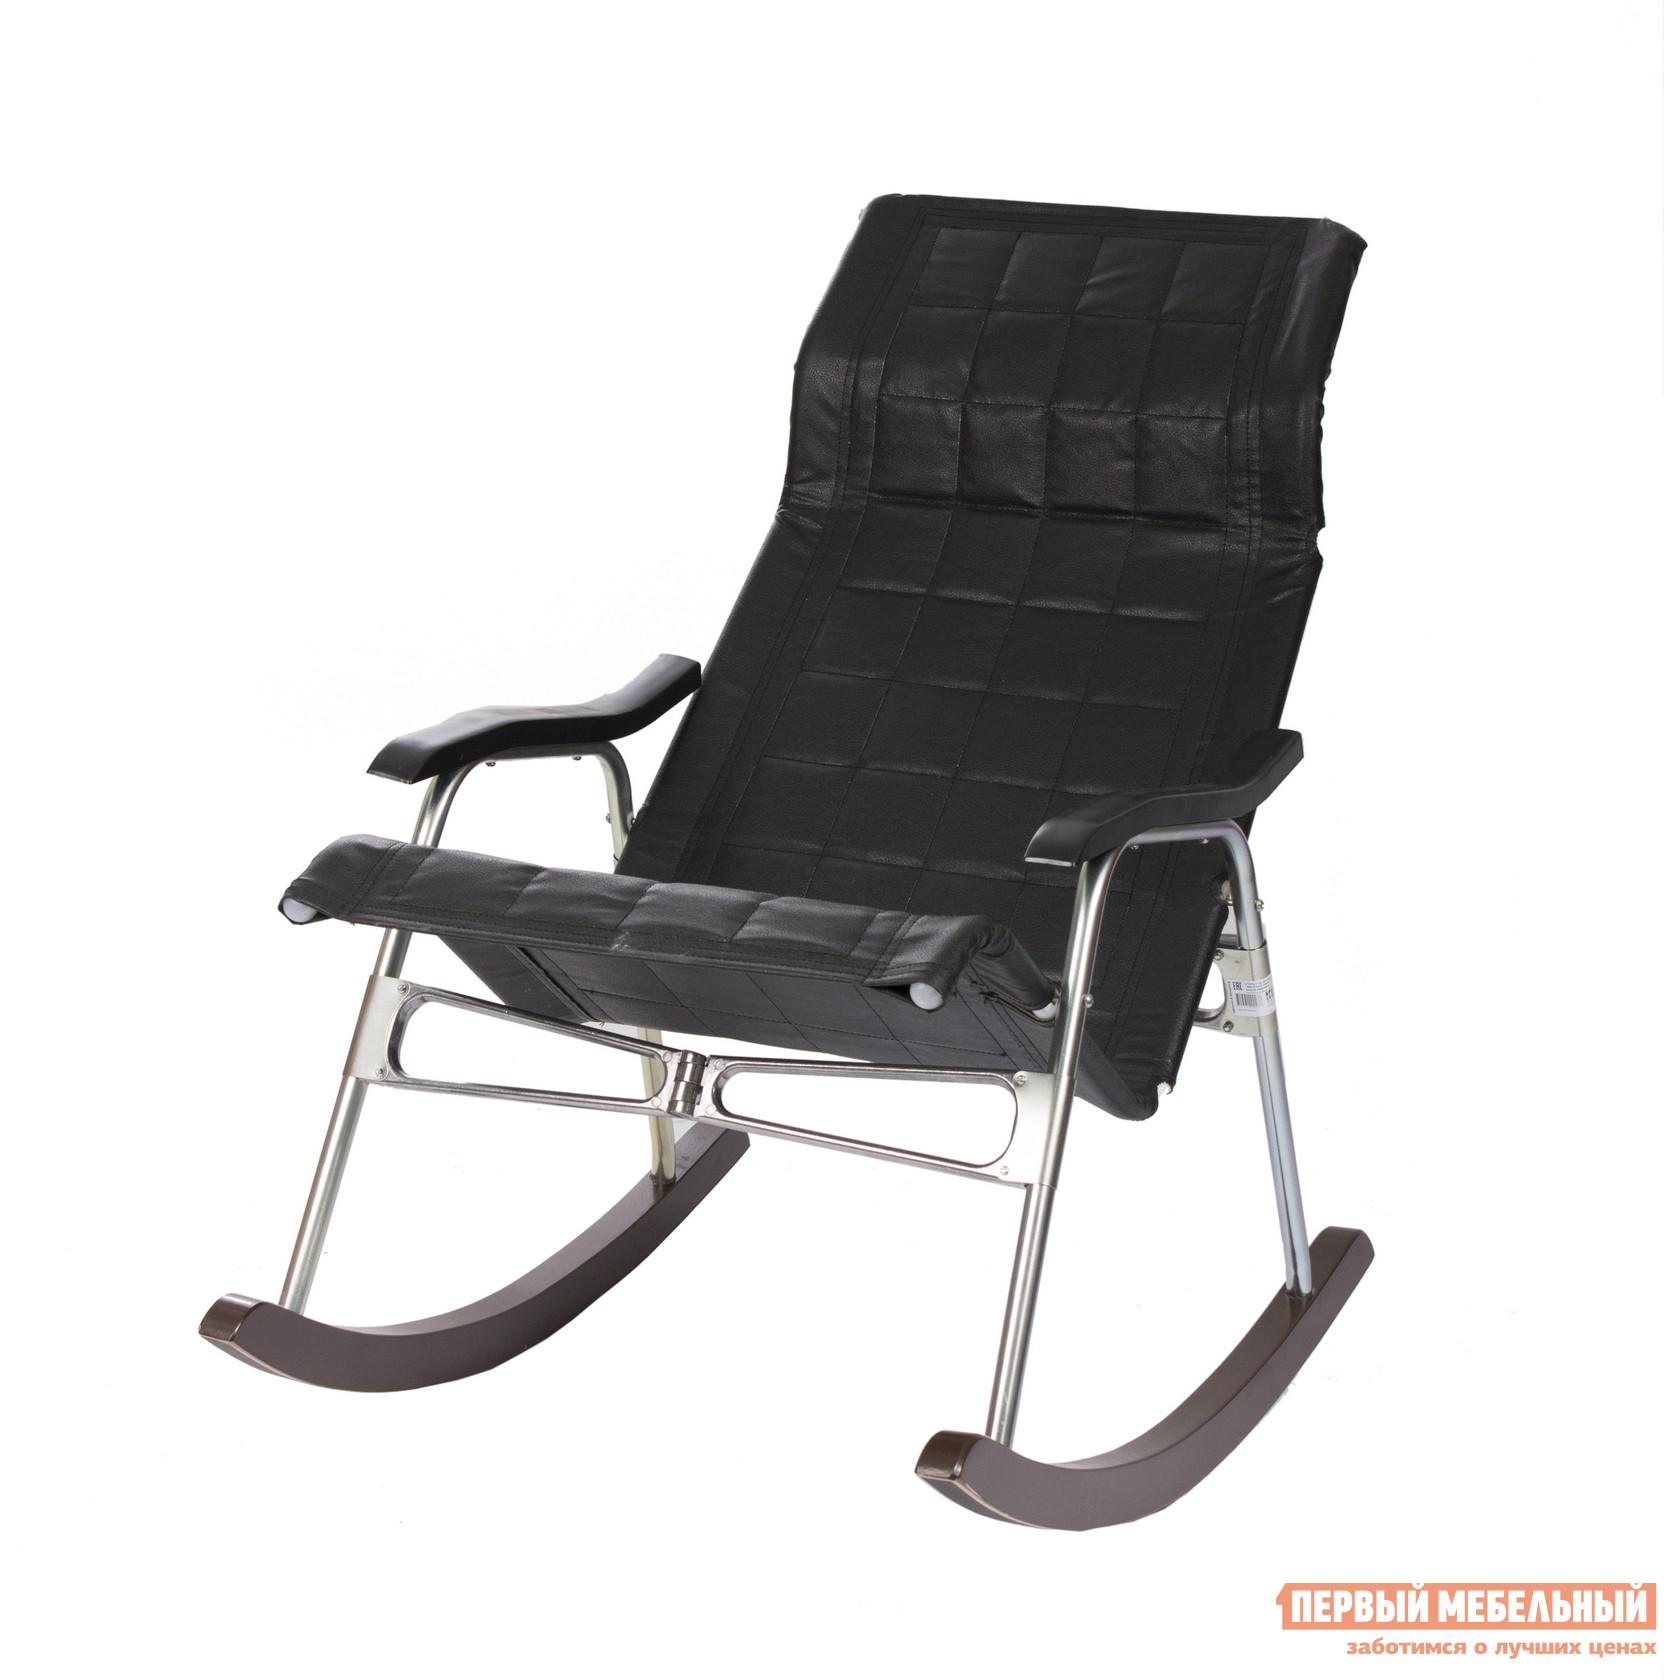 Кресло-качалка Мебель Импэкс Кресло-качалка складное Белтех кресло качалка мебель импэкс kara мёд с подушкой